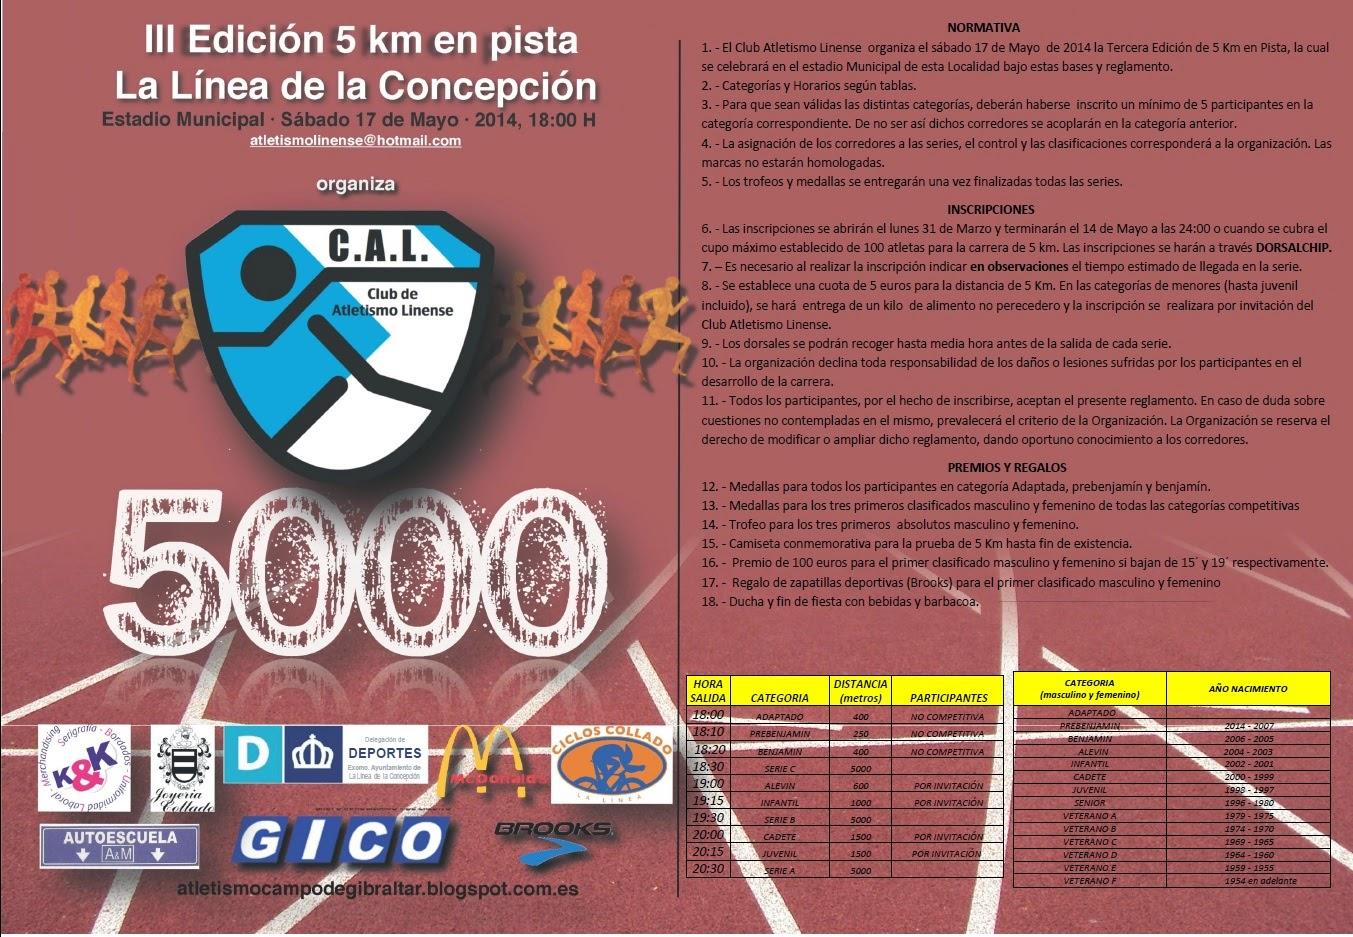 III EDICIÓN 5 KMS EN PISTA DE LA LINEA DE LA CONCEPCIÓN